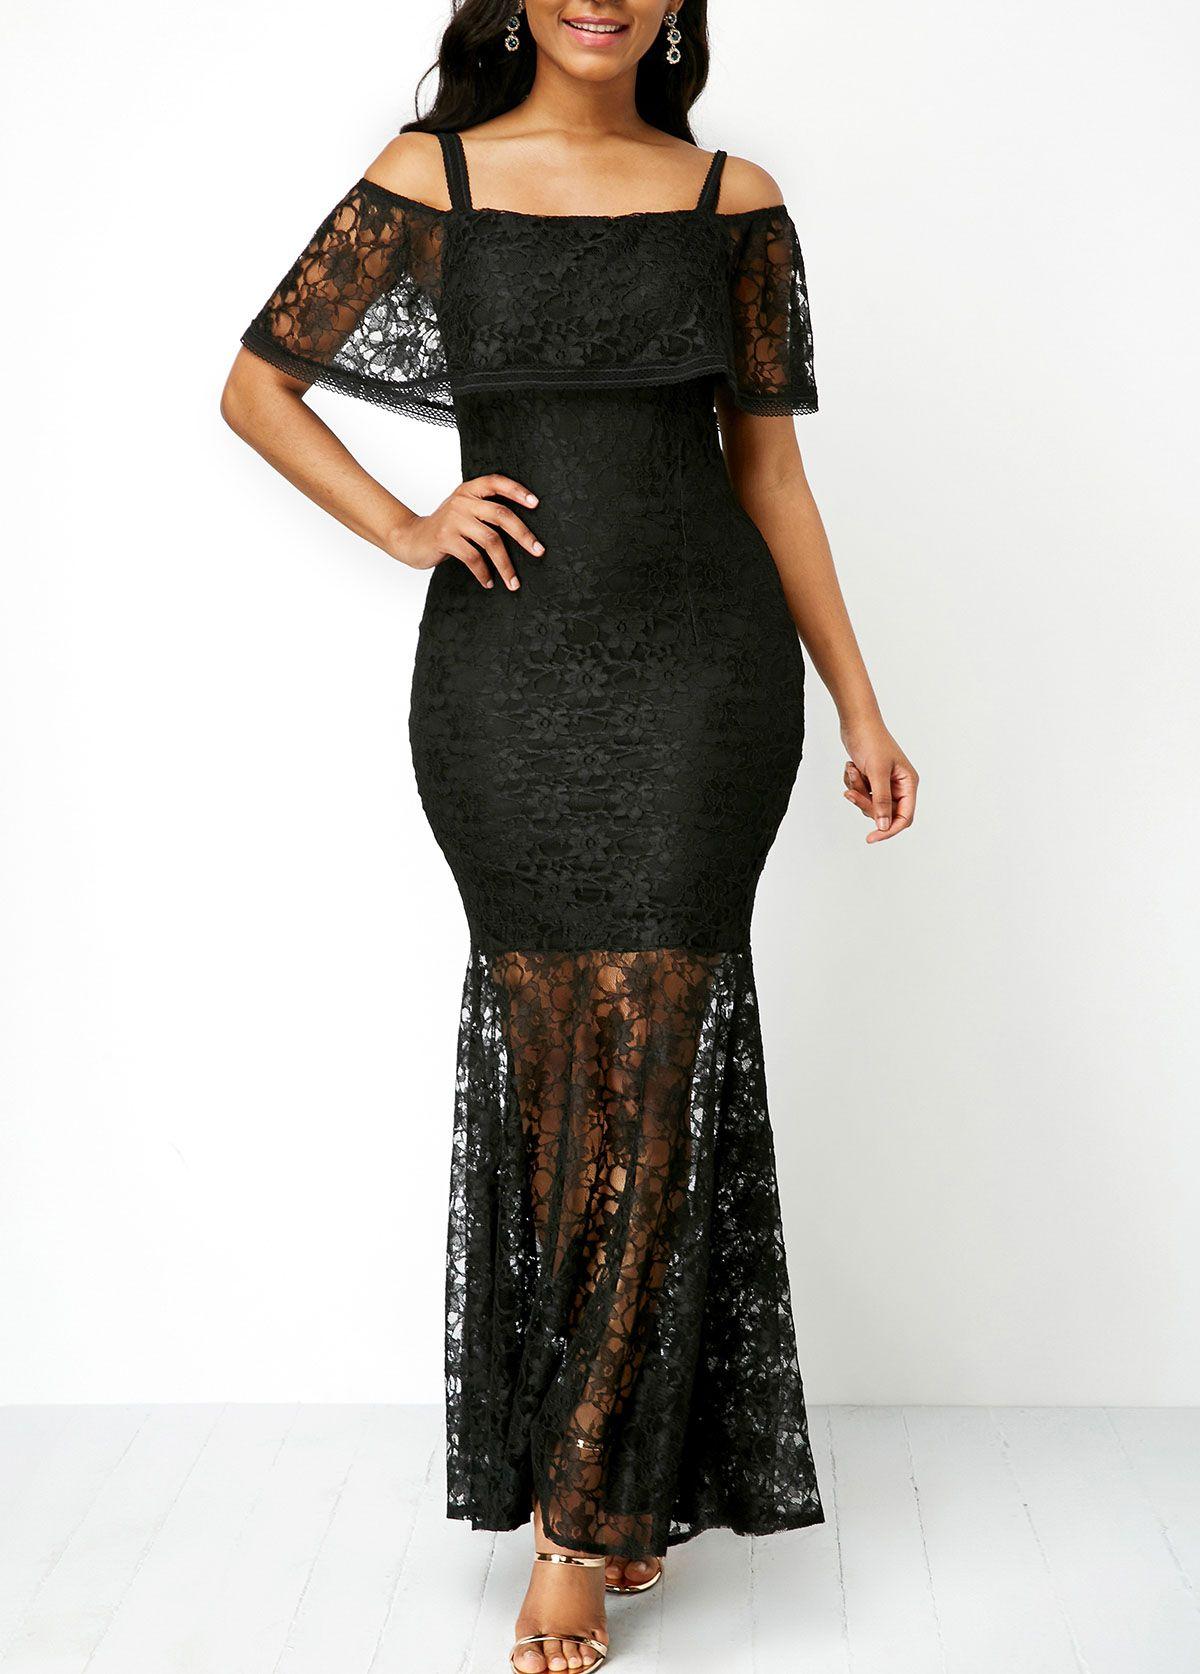 Overlay zipper back cold shoulder black lace dress best deals